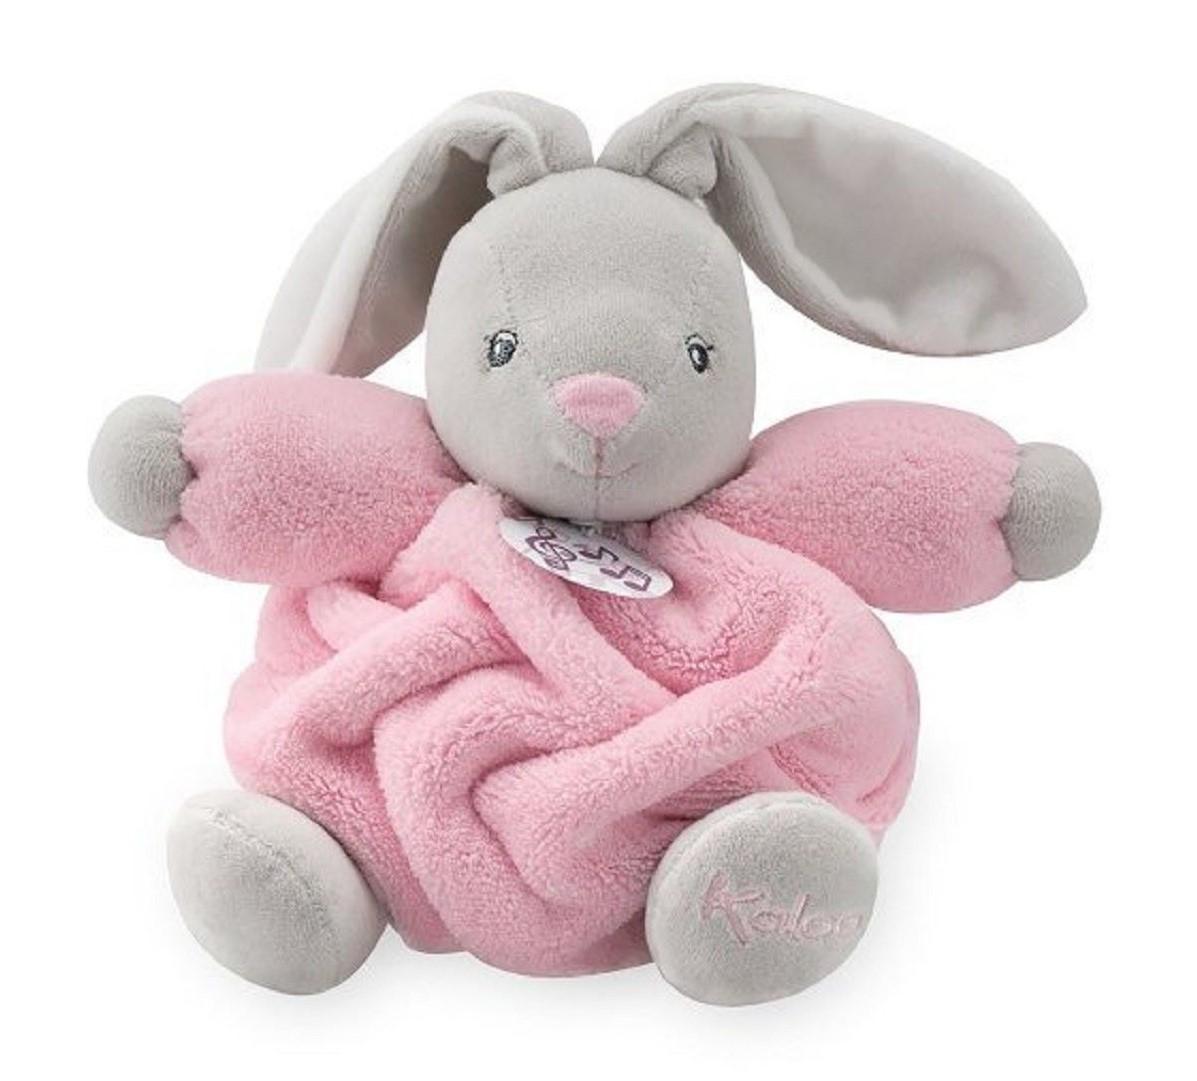 Купить Музыкальная игрушка Плюм – розовый заяц. 18 см, Kaloo